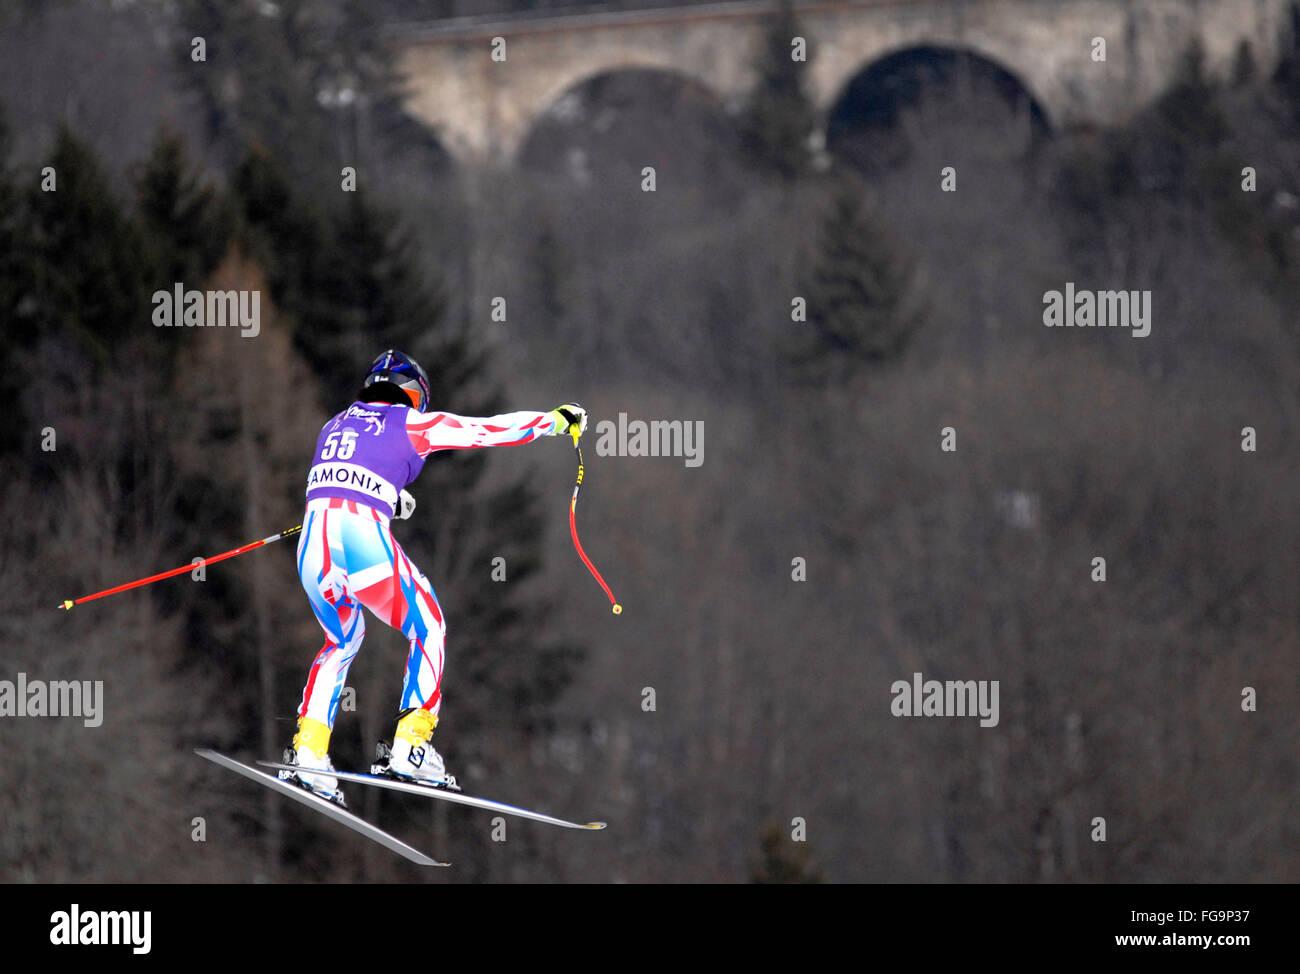 Mens Downhill Ski Racer in der Luft Stockbild